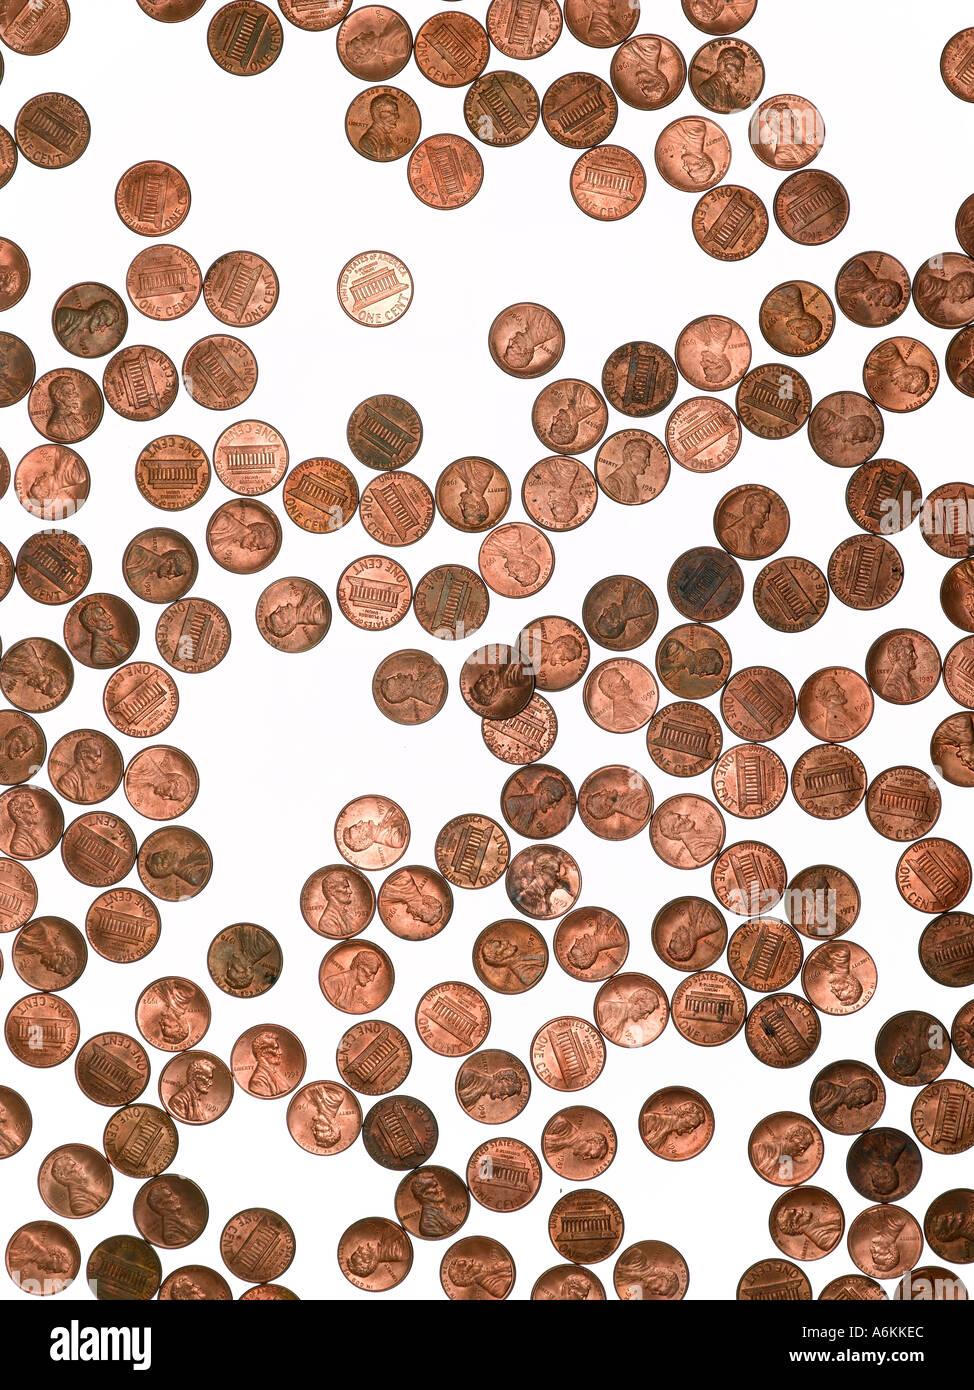 Composición del orden aleatorio de 1 céntimos) Imagen De Stock